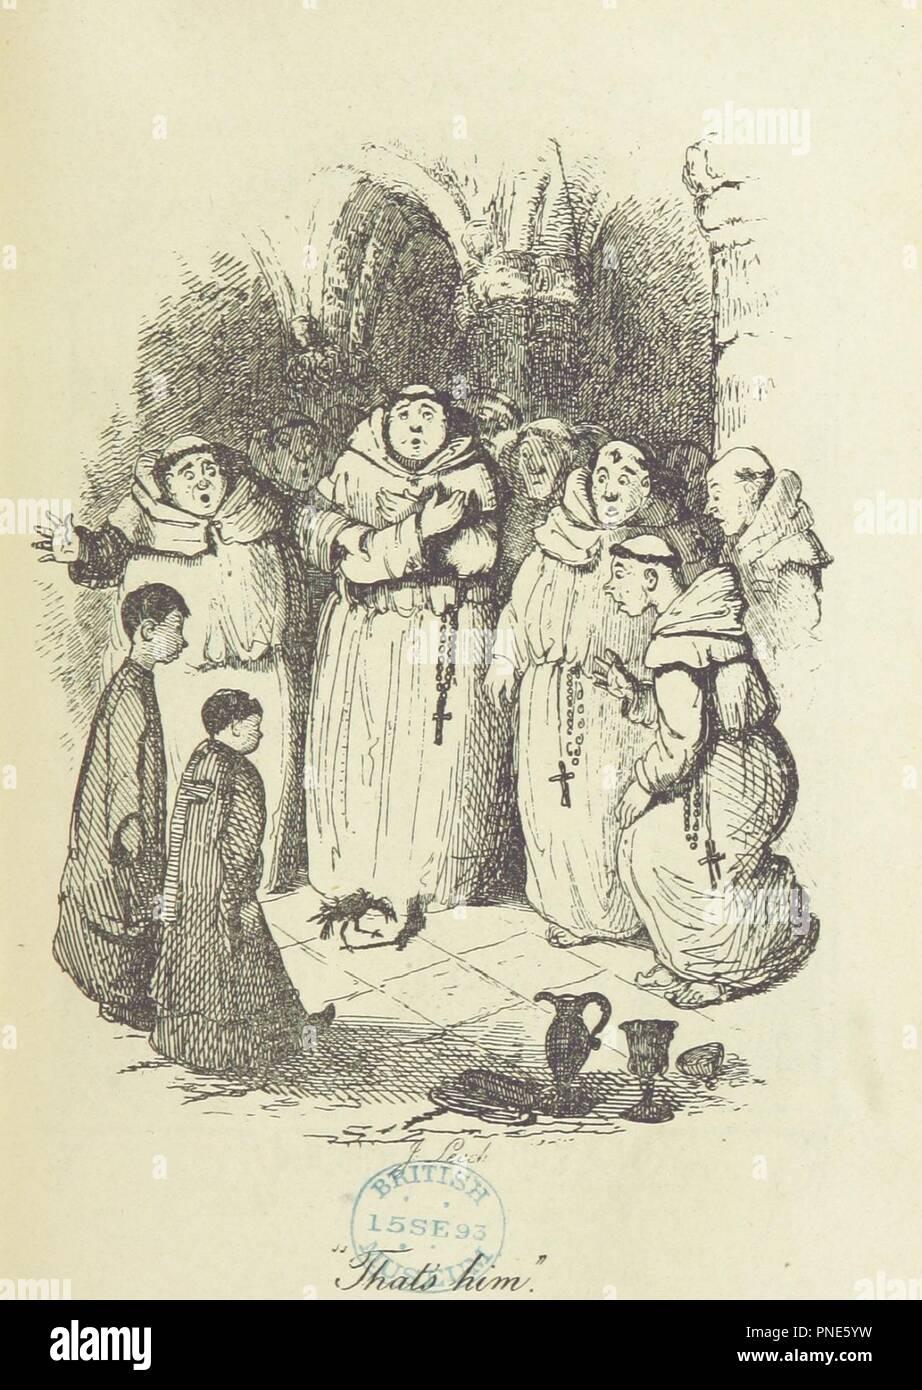 6eaa257ca02b Imagen de la página 75 del '[Las leyendas Ingoldsby . Con 60 ilustraciones  de George Cruikshank, John Leech, y John Tenniel.]